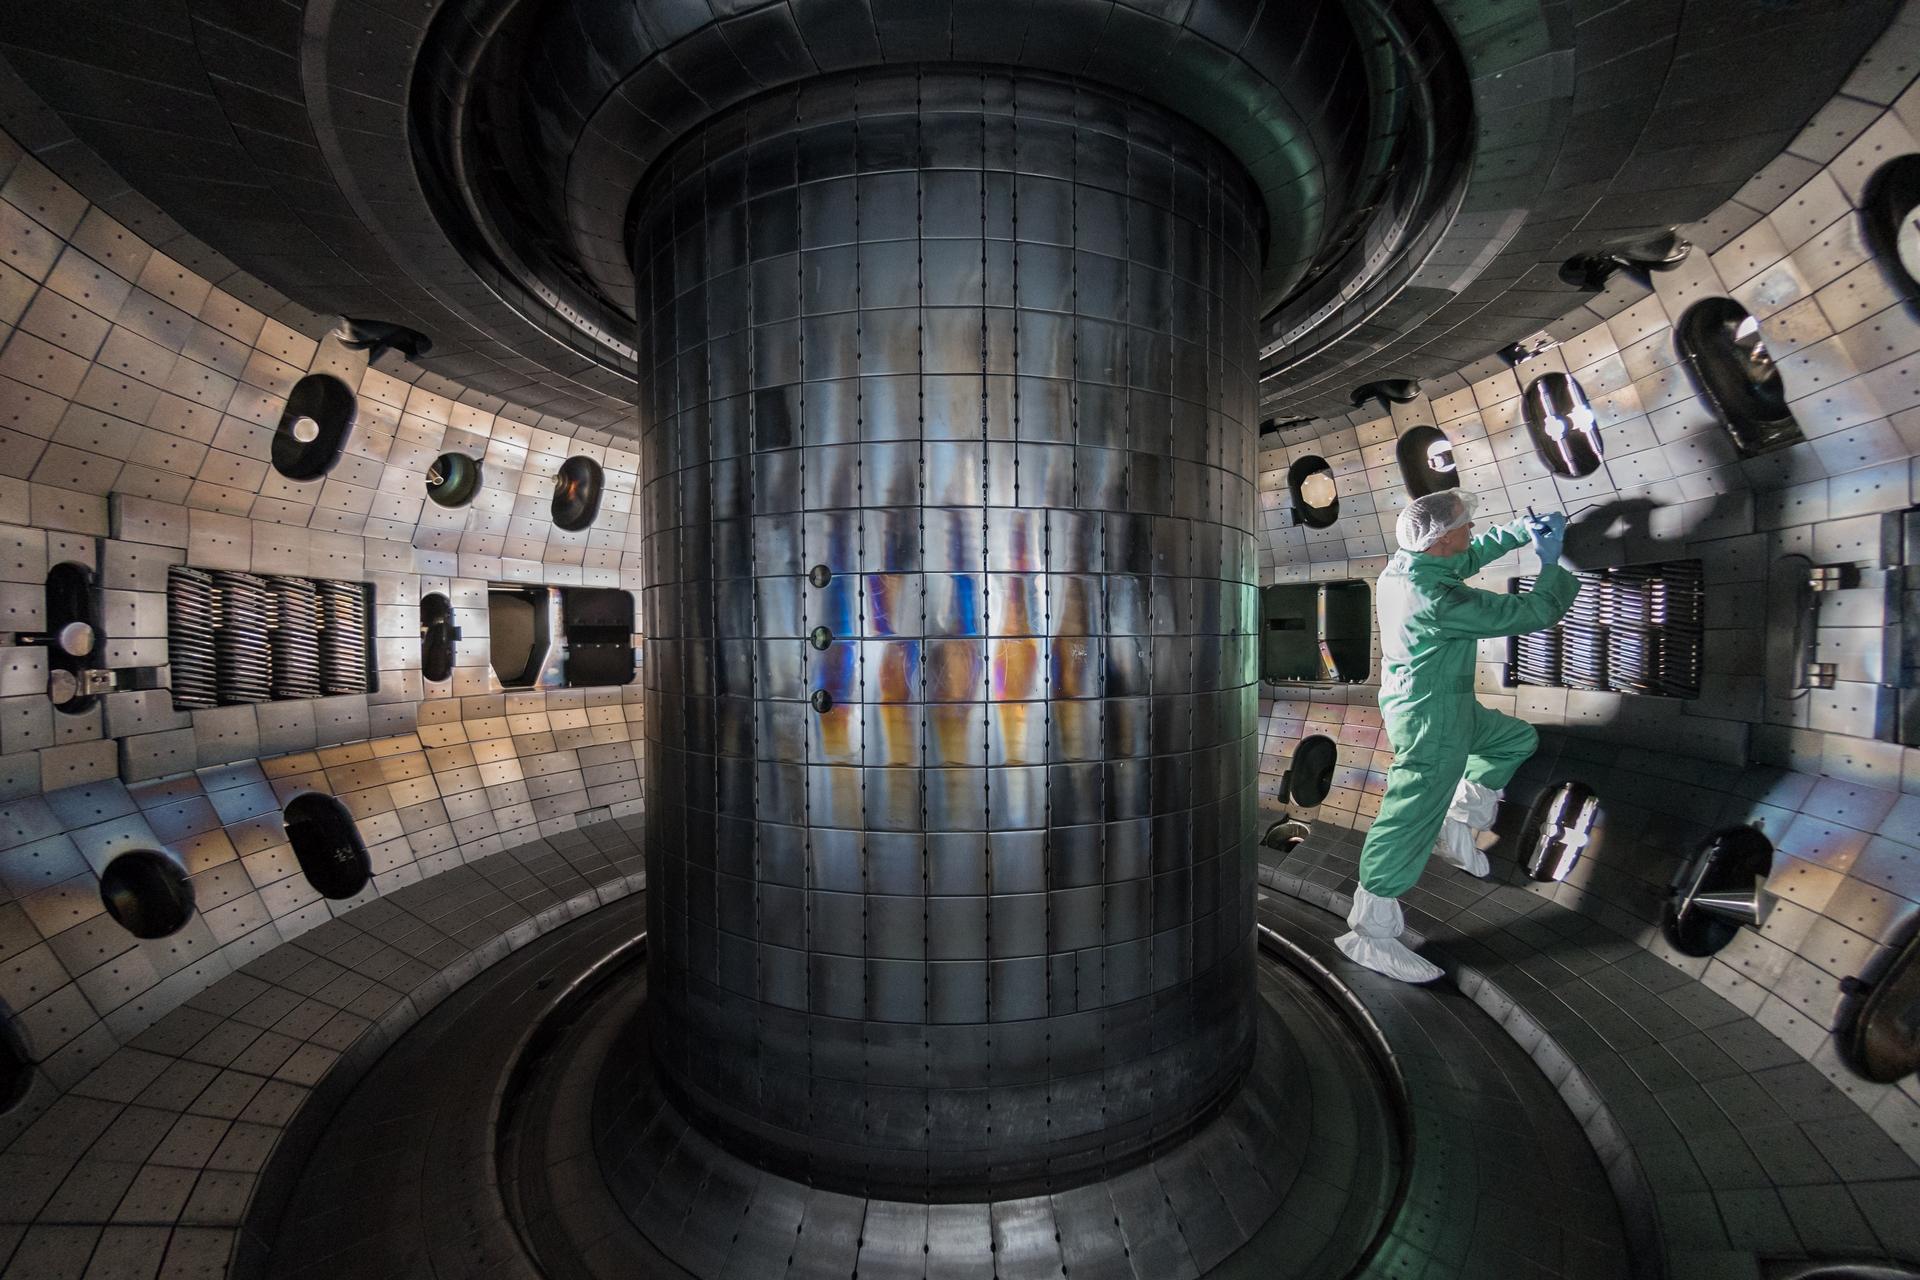 托克馬克反應爐內部構造。圖/wikimedia